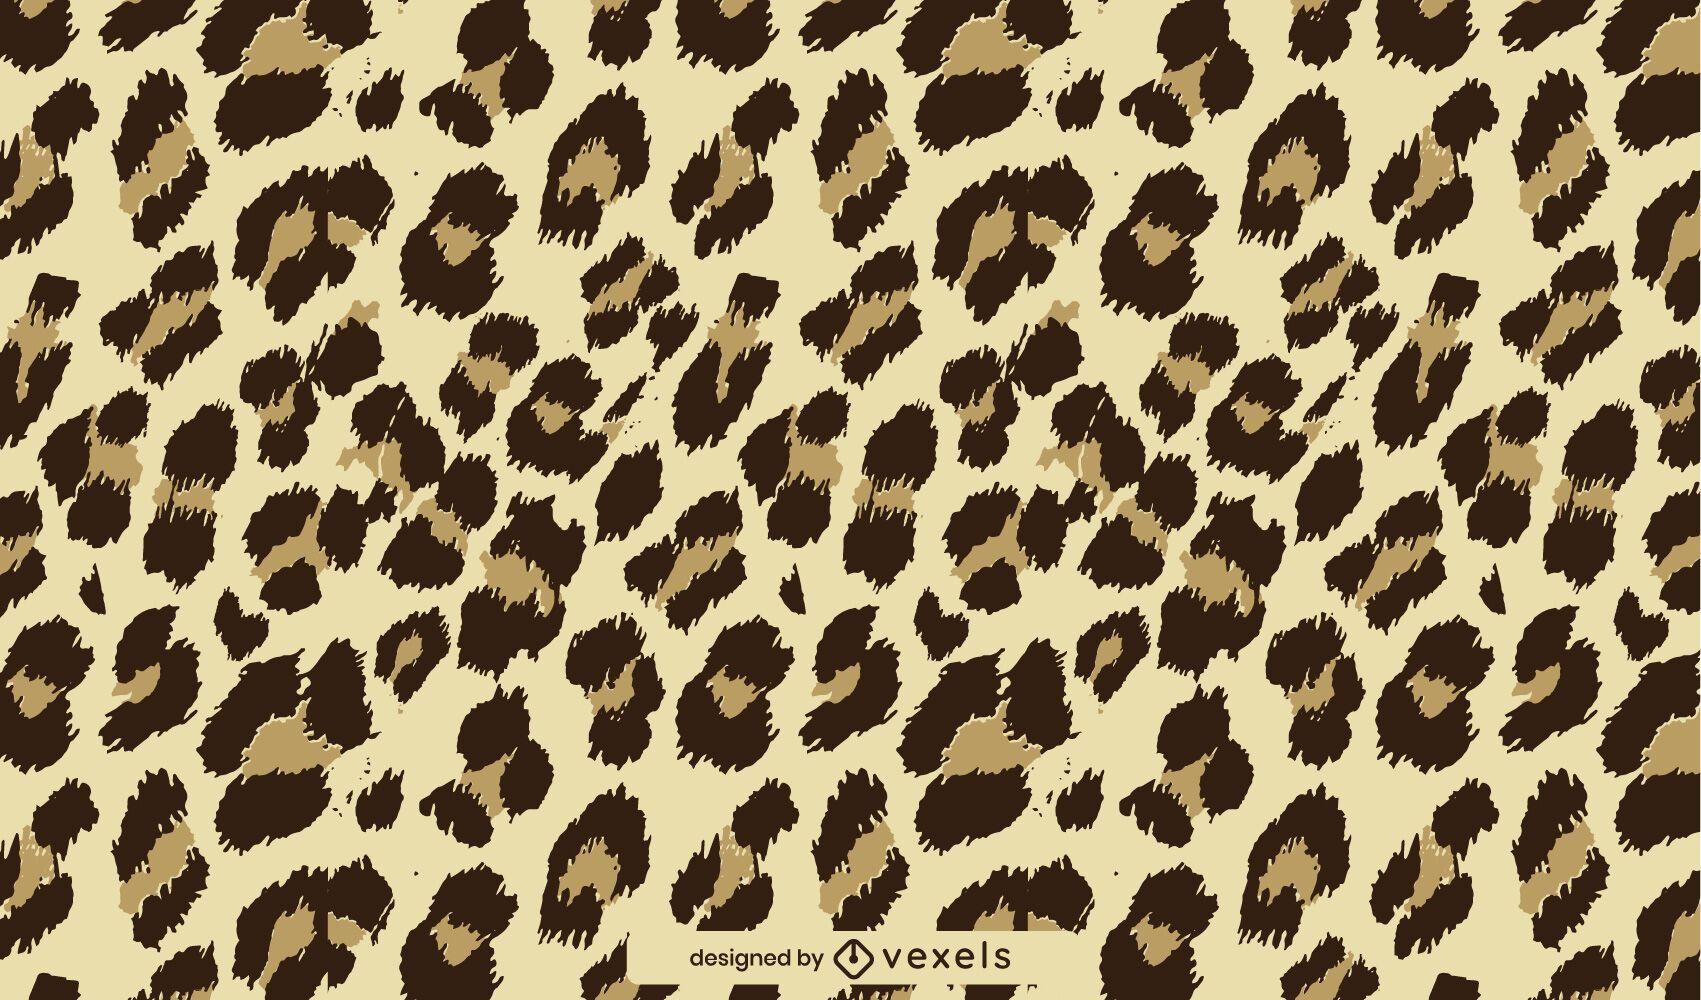 Padrão de pele com estampa animal de leopardo